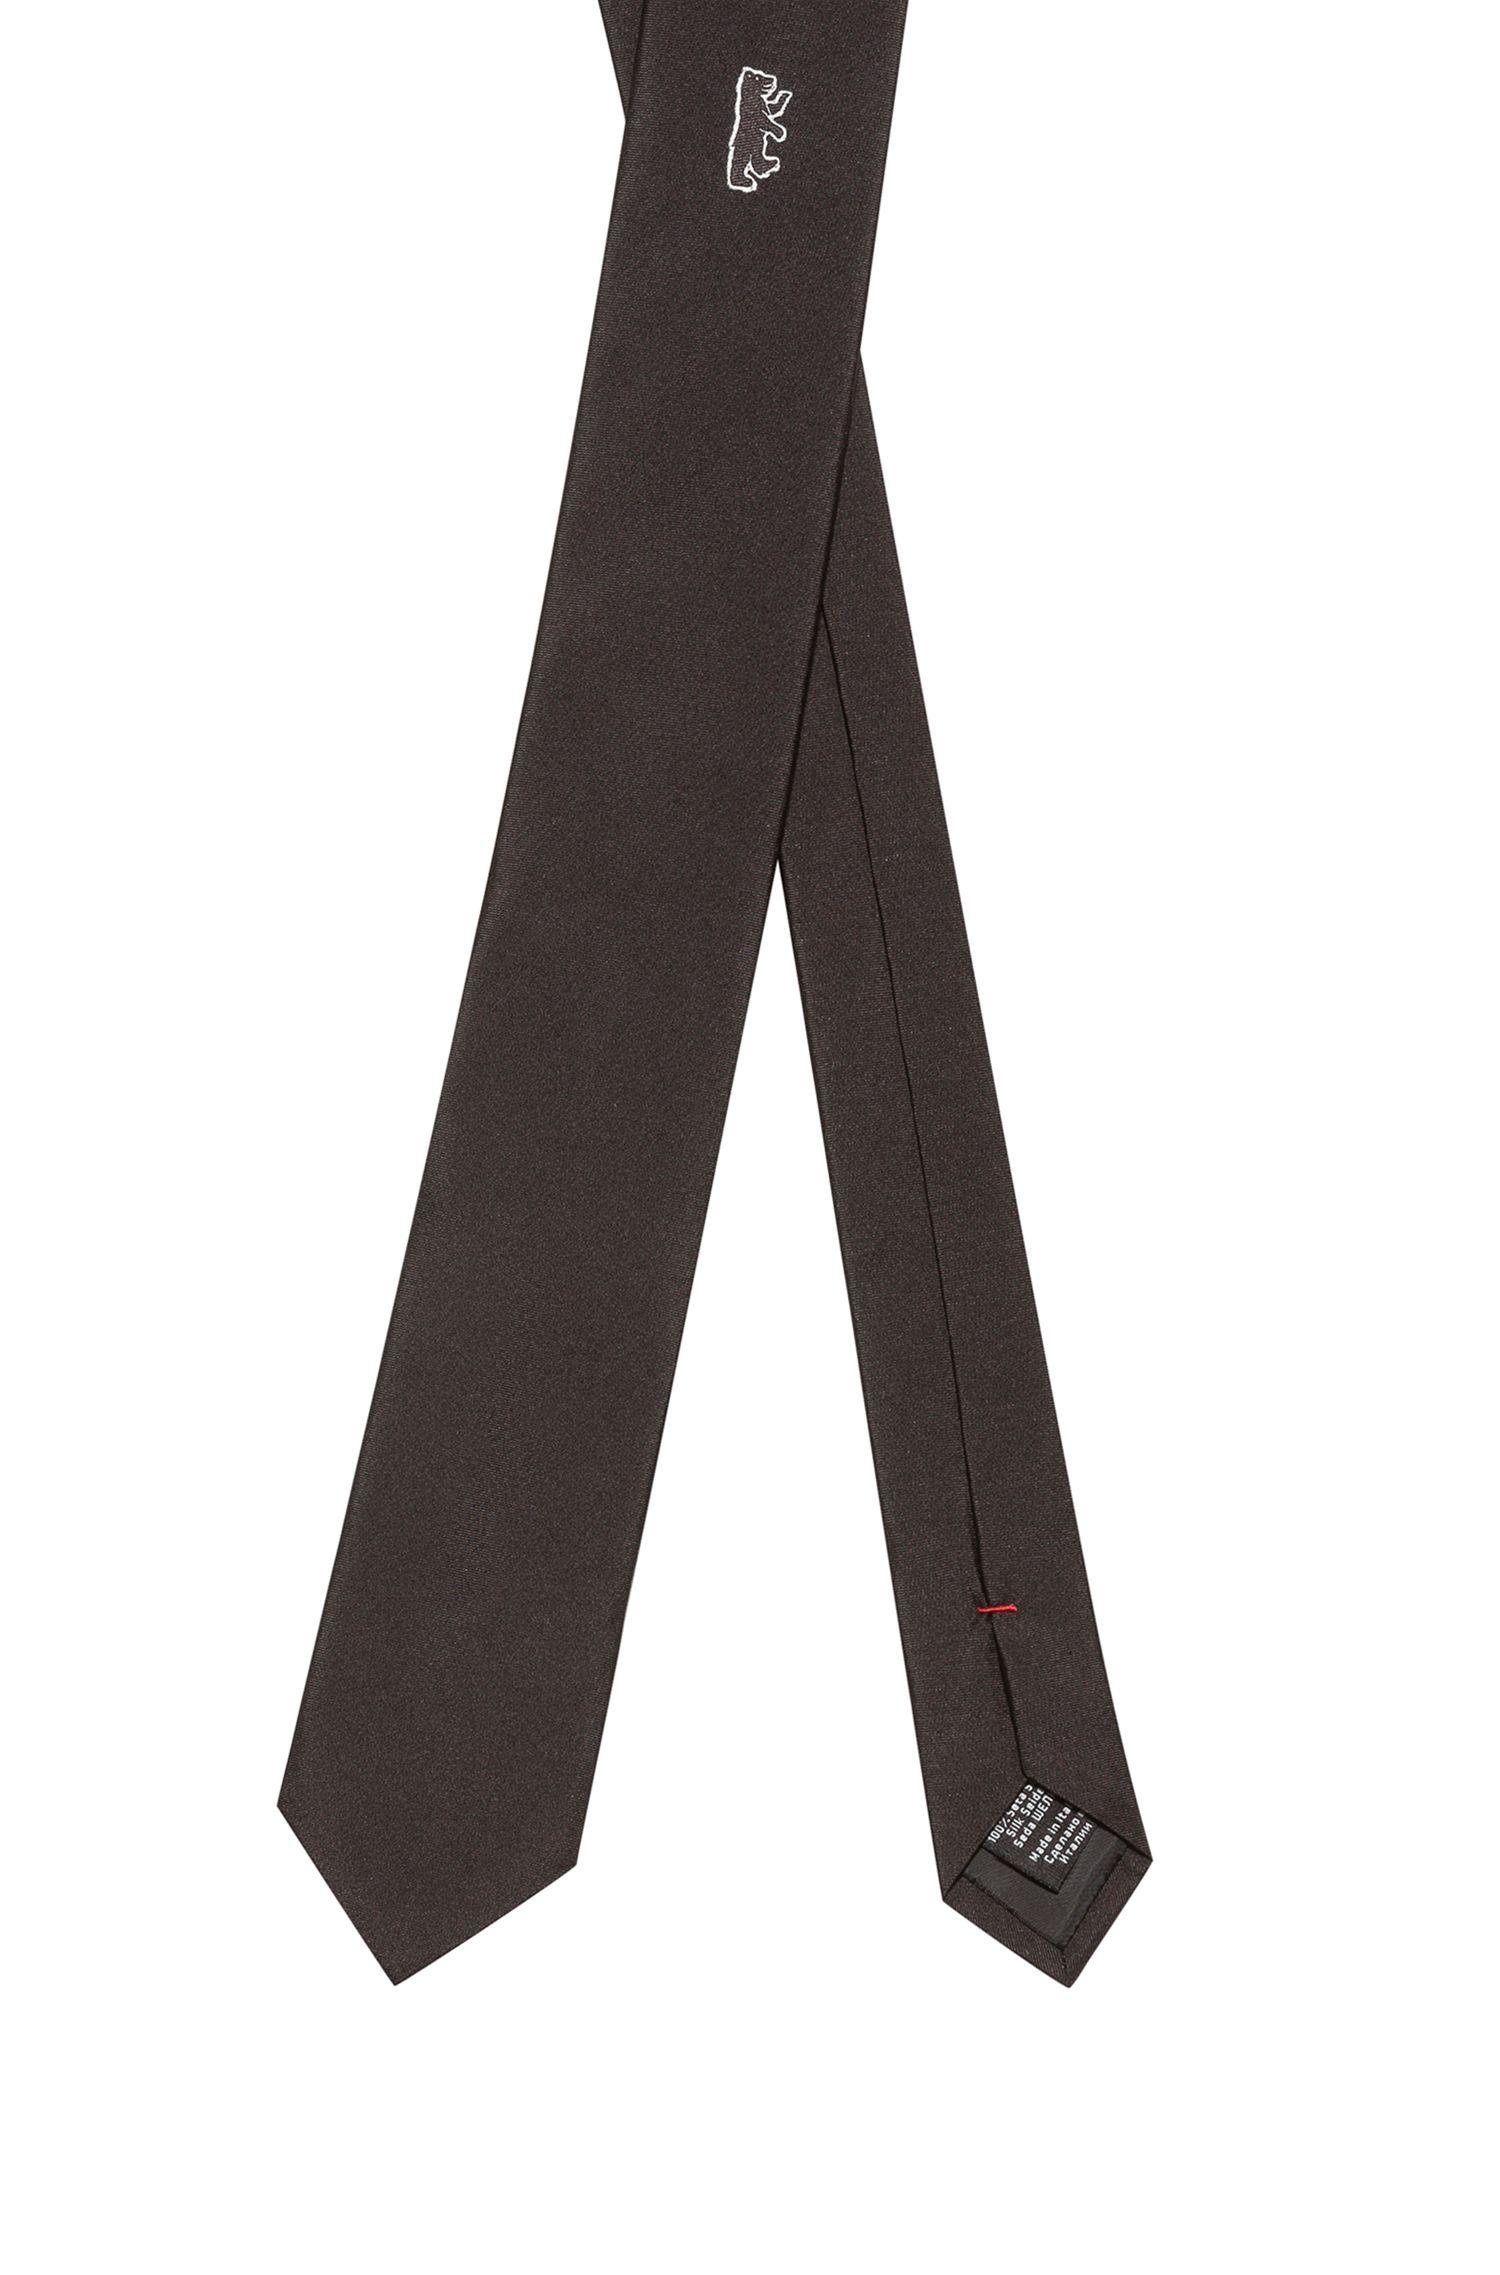 Krawatte aus Seide mit Bärenmotiv, Schwarz